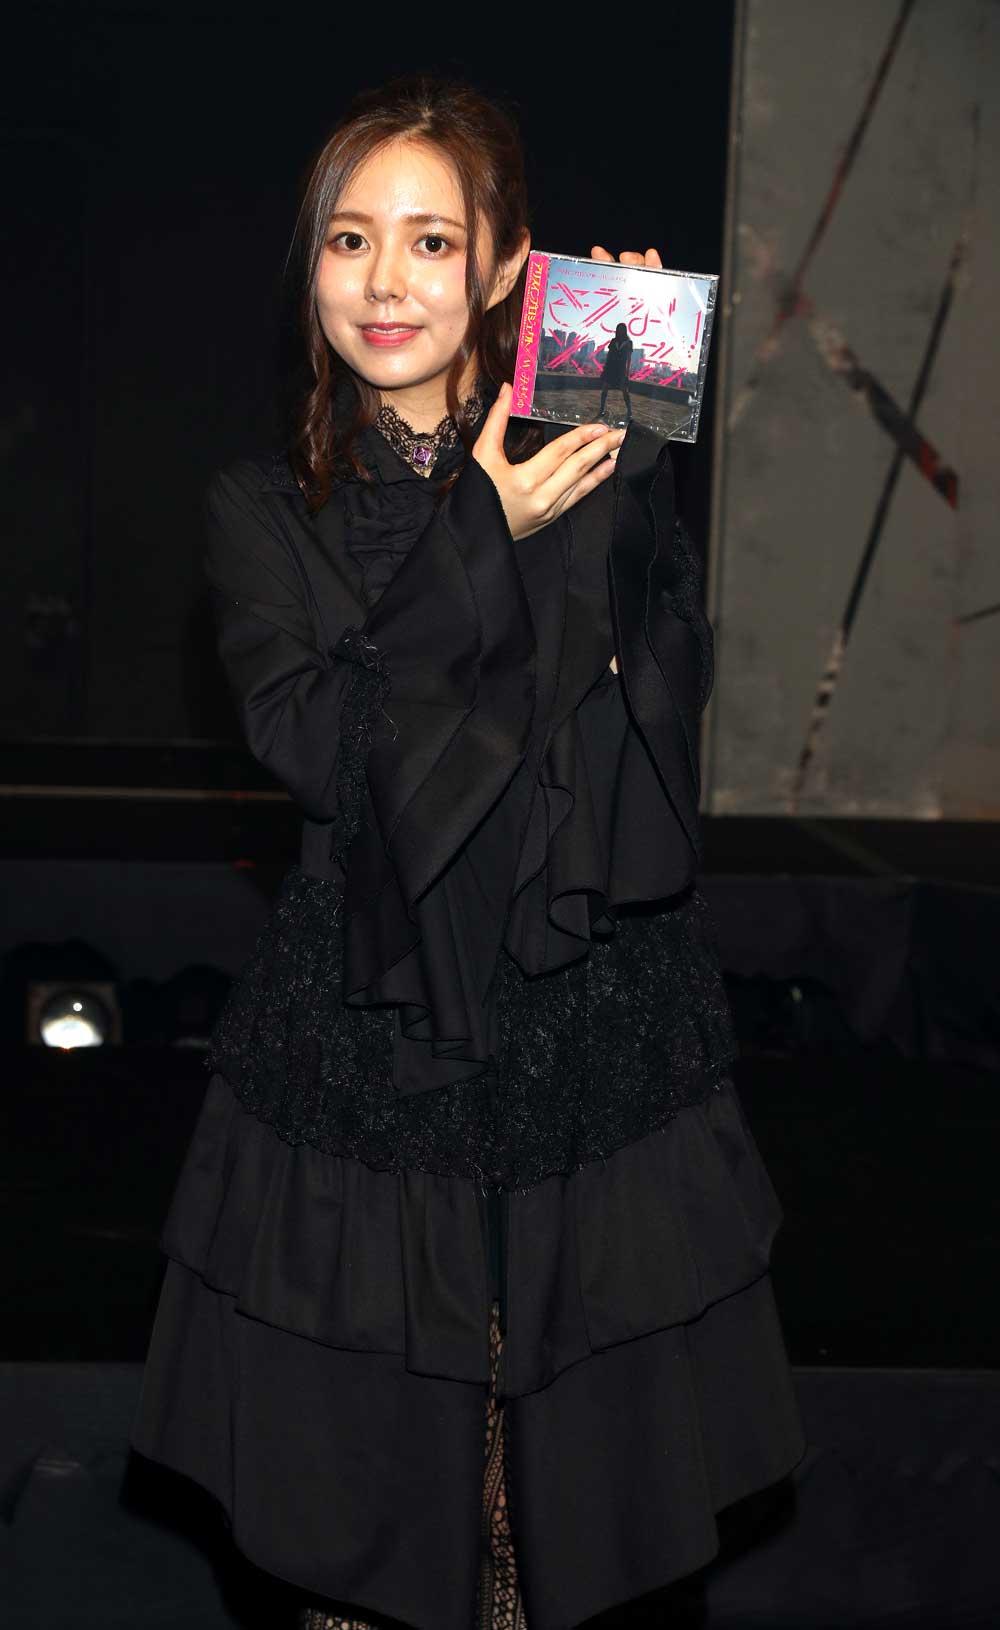 画像1: みきちゅ/アリスインプロジェクトとコラボしたCD「きえないメロディ」が完成。アリスインの名曲をみきちゅの歌声で楽しめる珠玉のアルバム